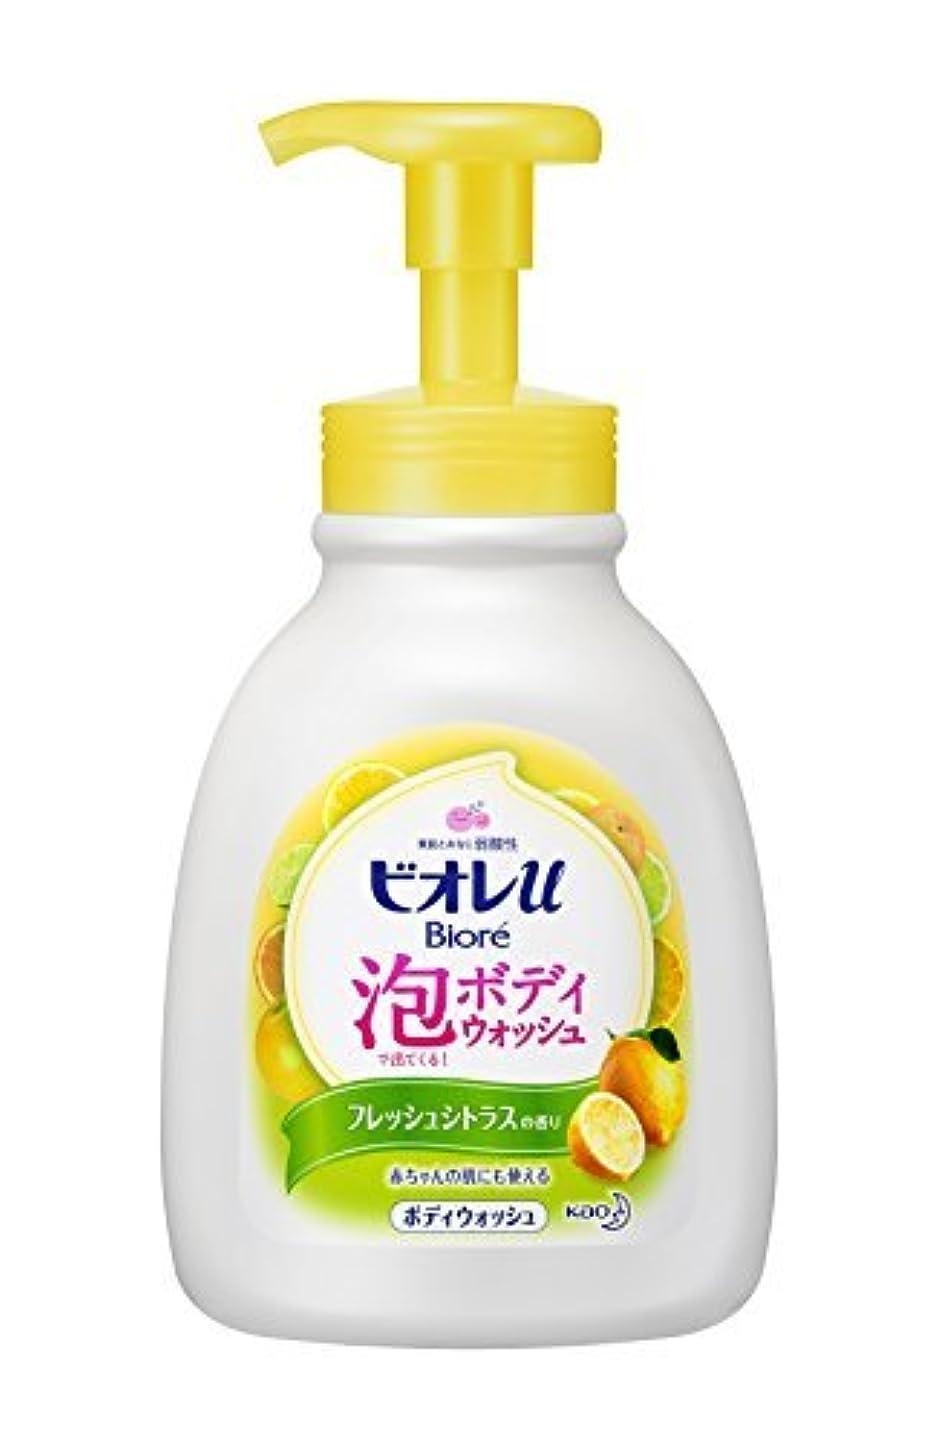 嫌いカート収縮花王 ビオレu 泡で出てくるボディウォッシュ フレッシュシトラスの香り ポンプ 600ml × 4個セット